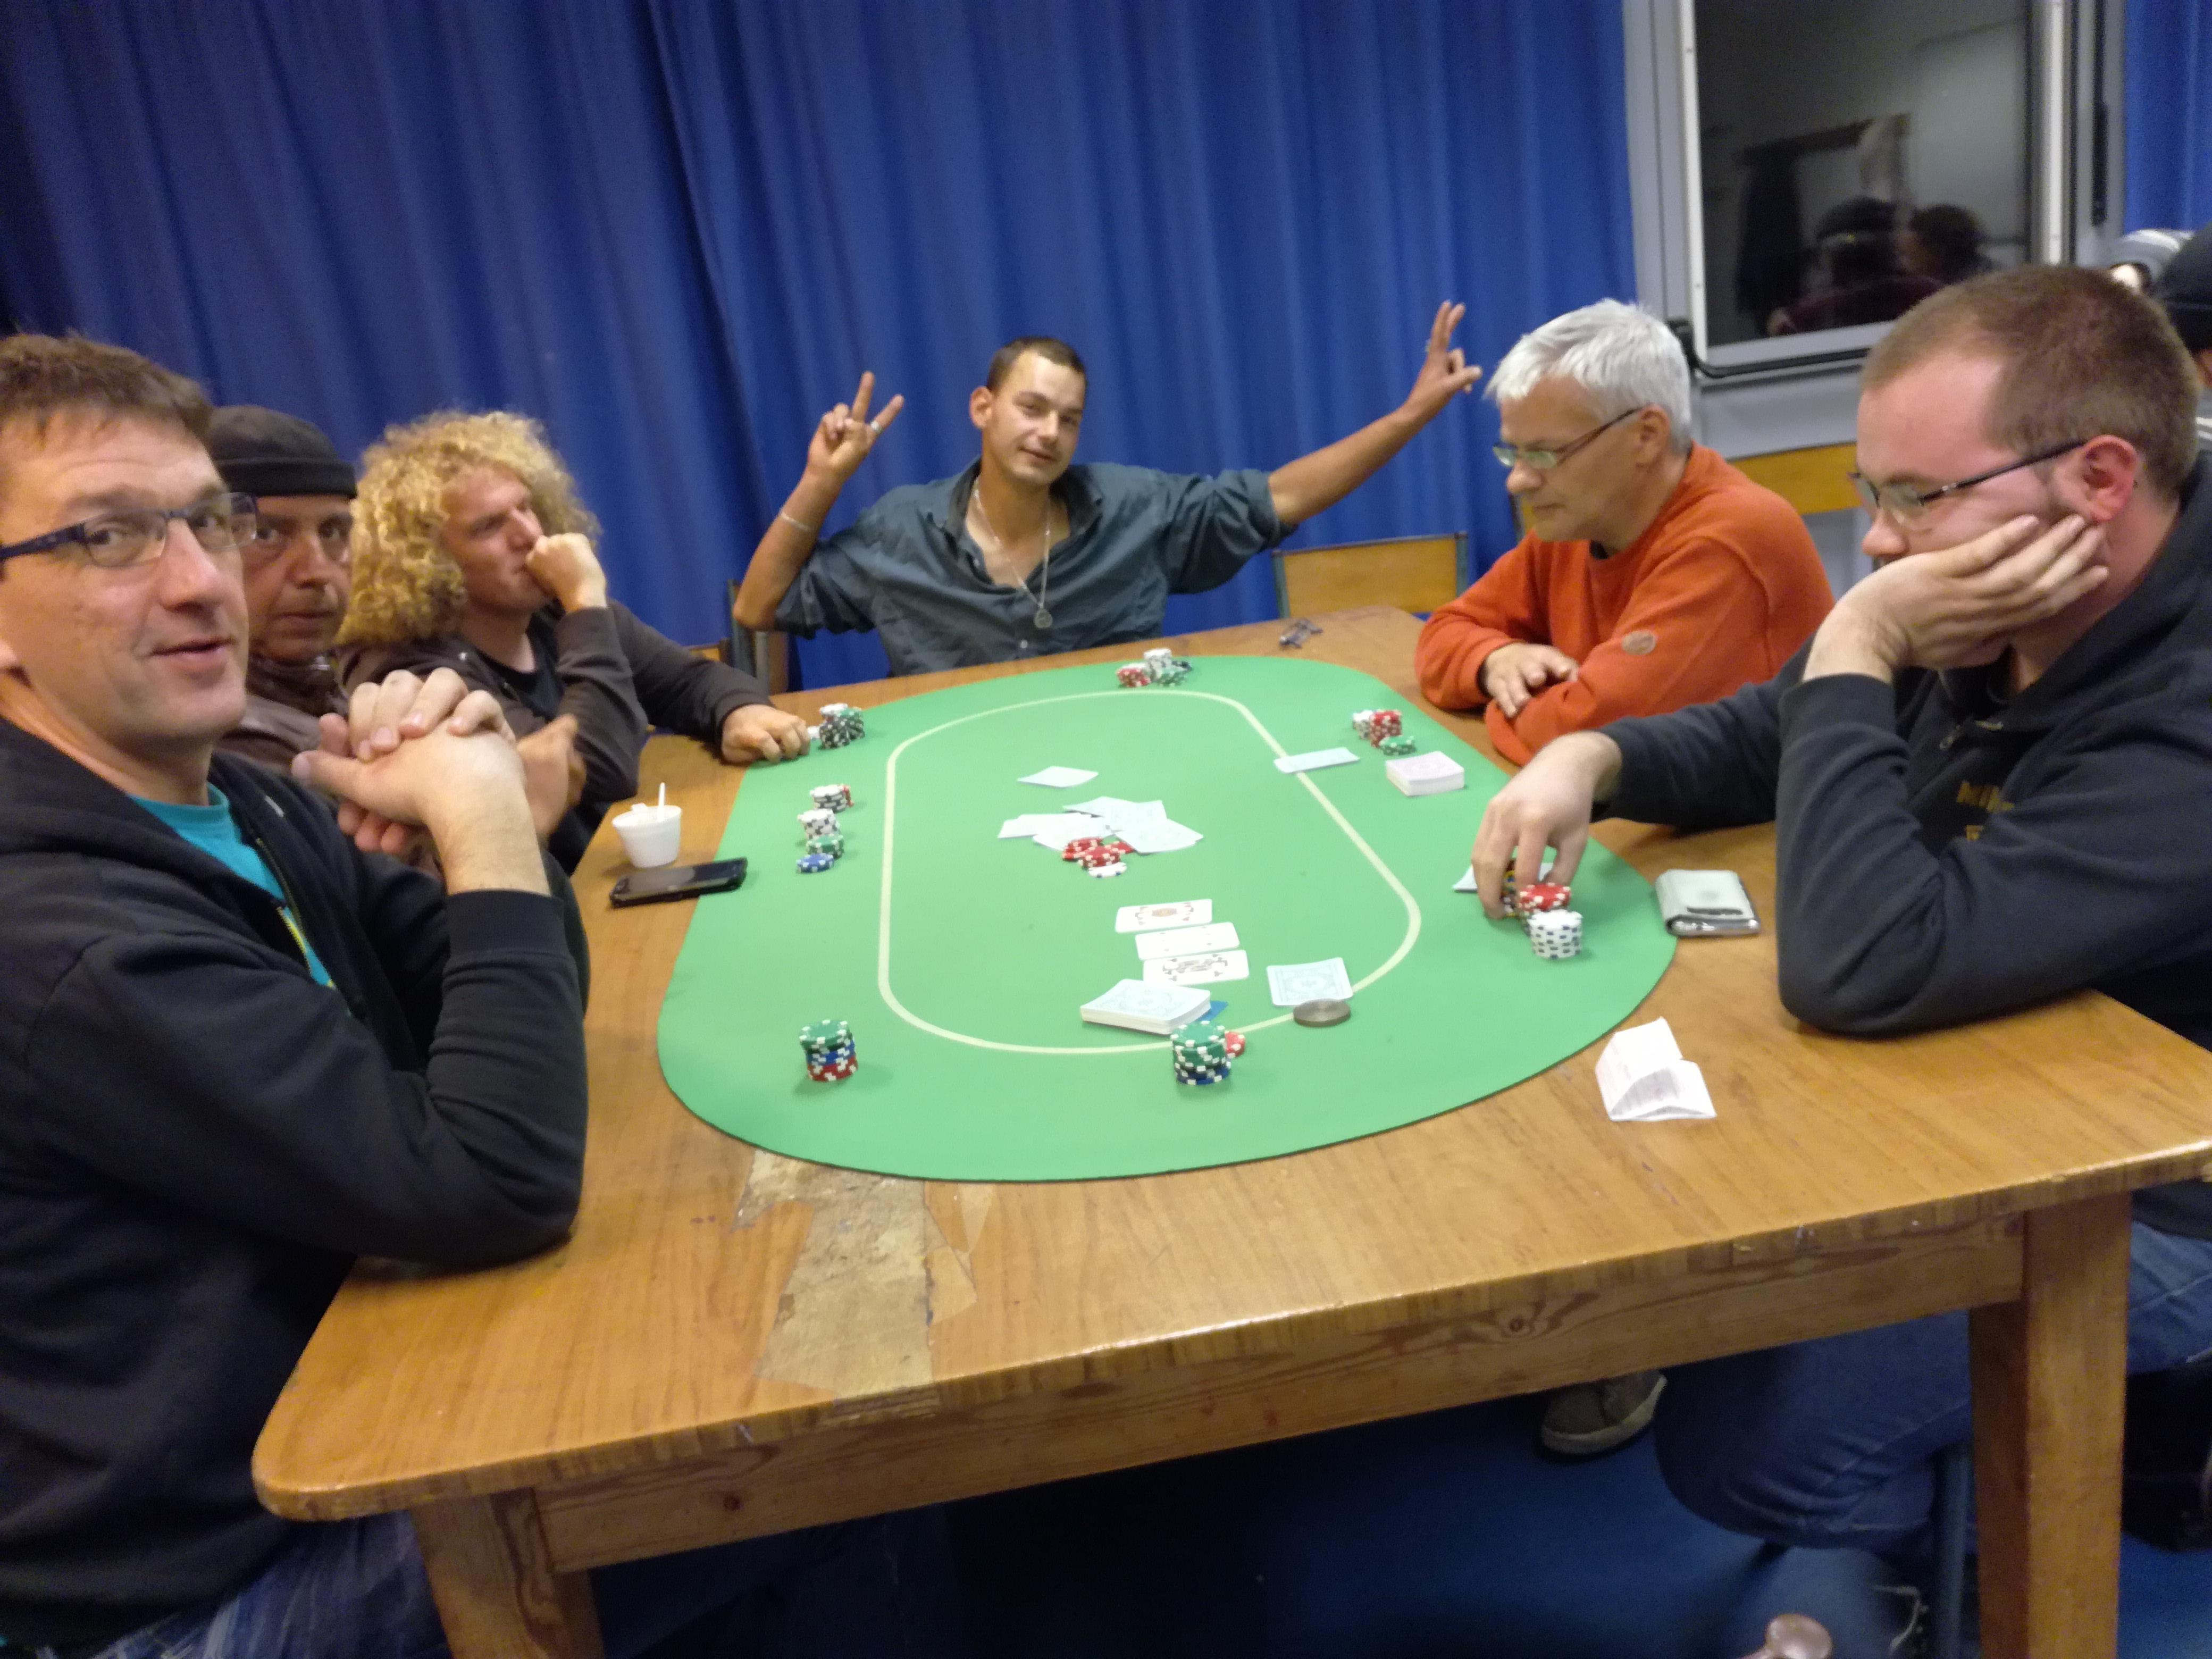 Tournoi de poker à Quimper